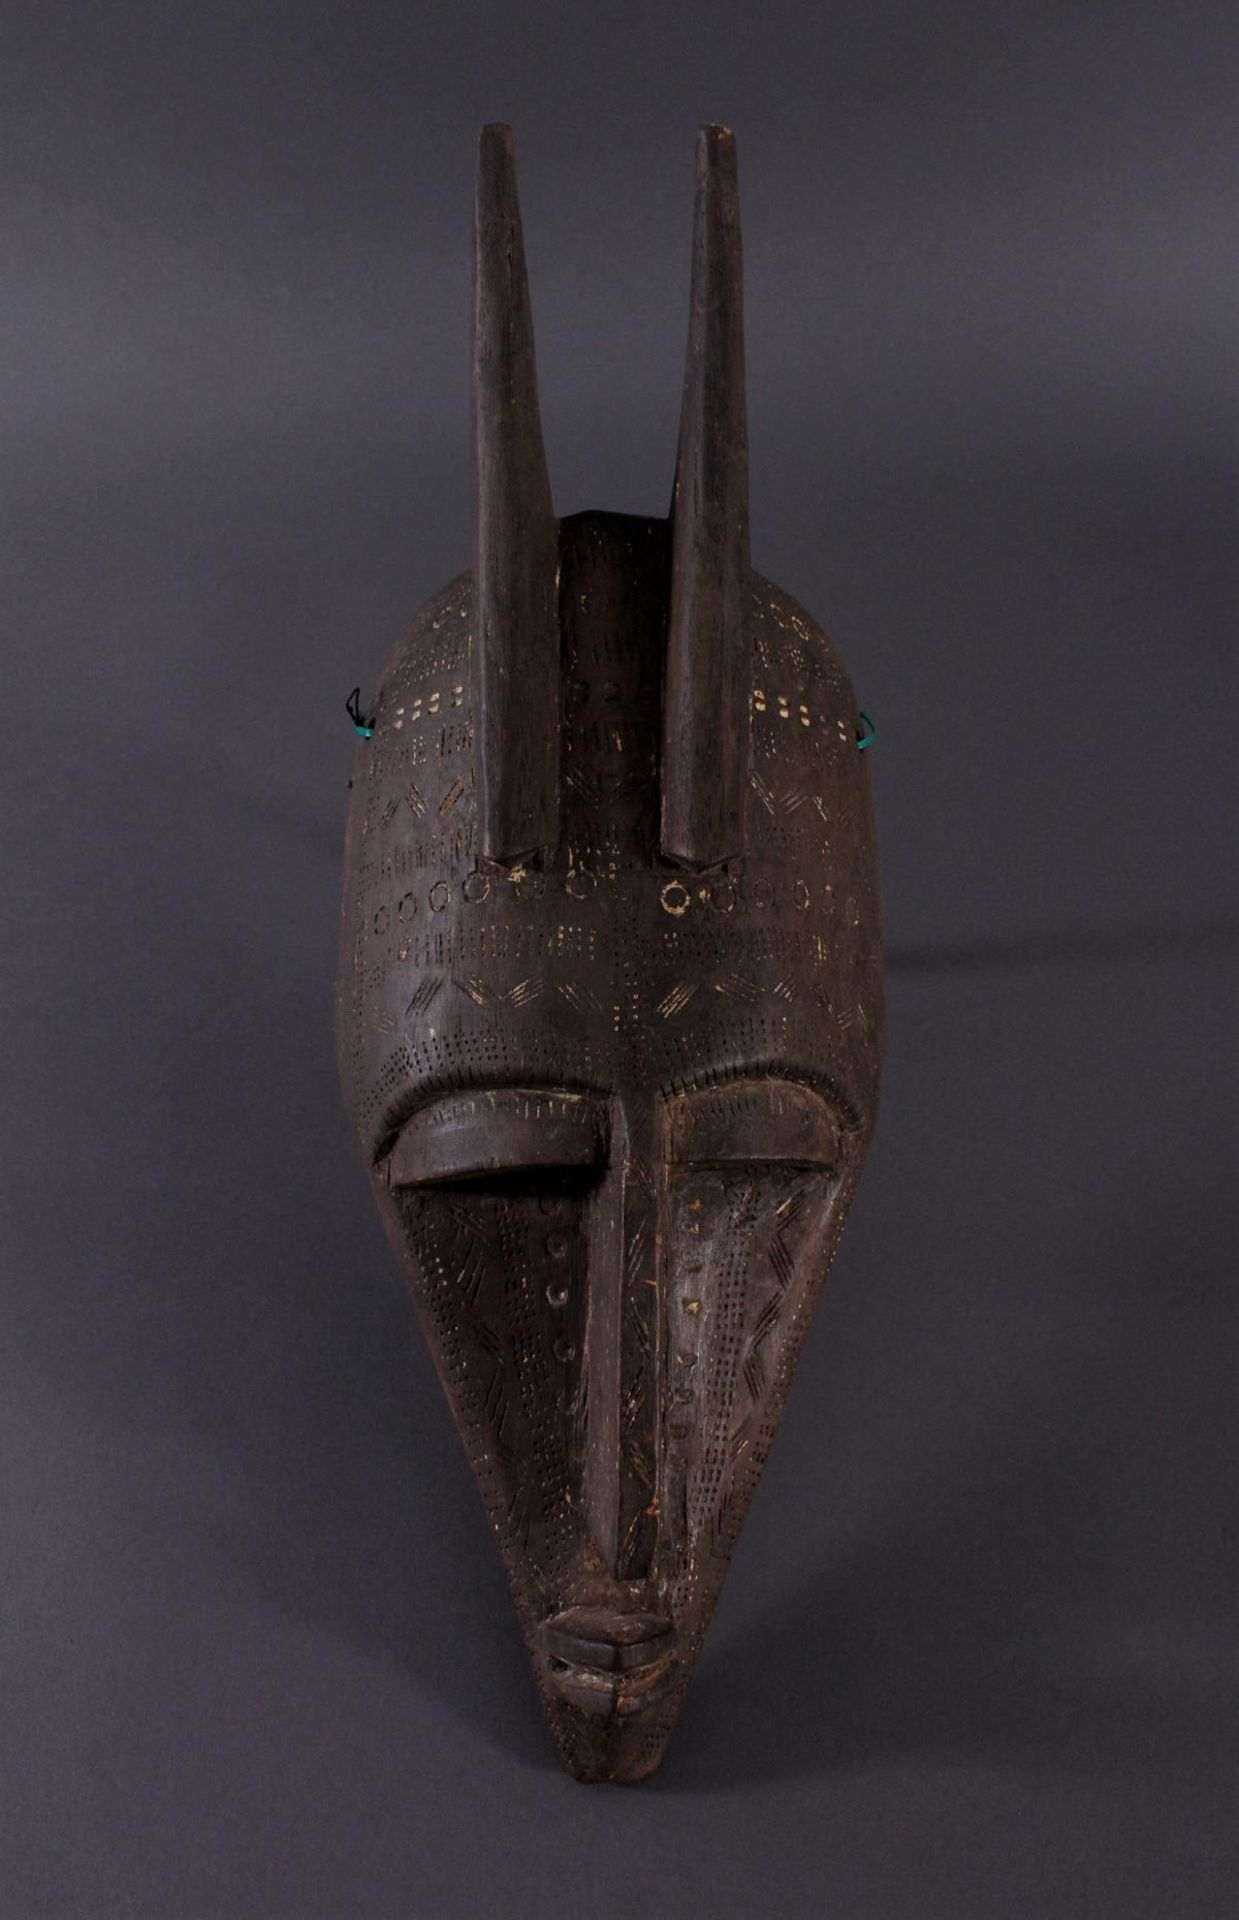 Antike Maske, Bambara, Mali 1. Hälfte 20. Jh.Holz geschnitzt, Musterritzungen, Reste weißer